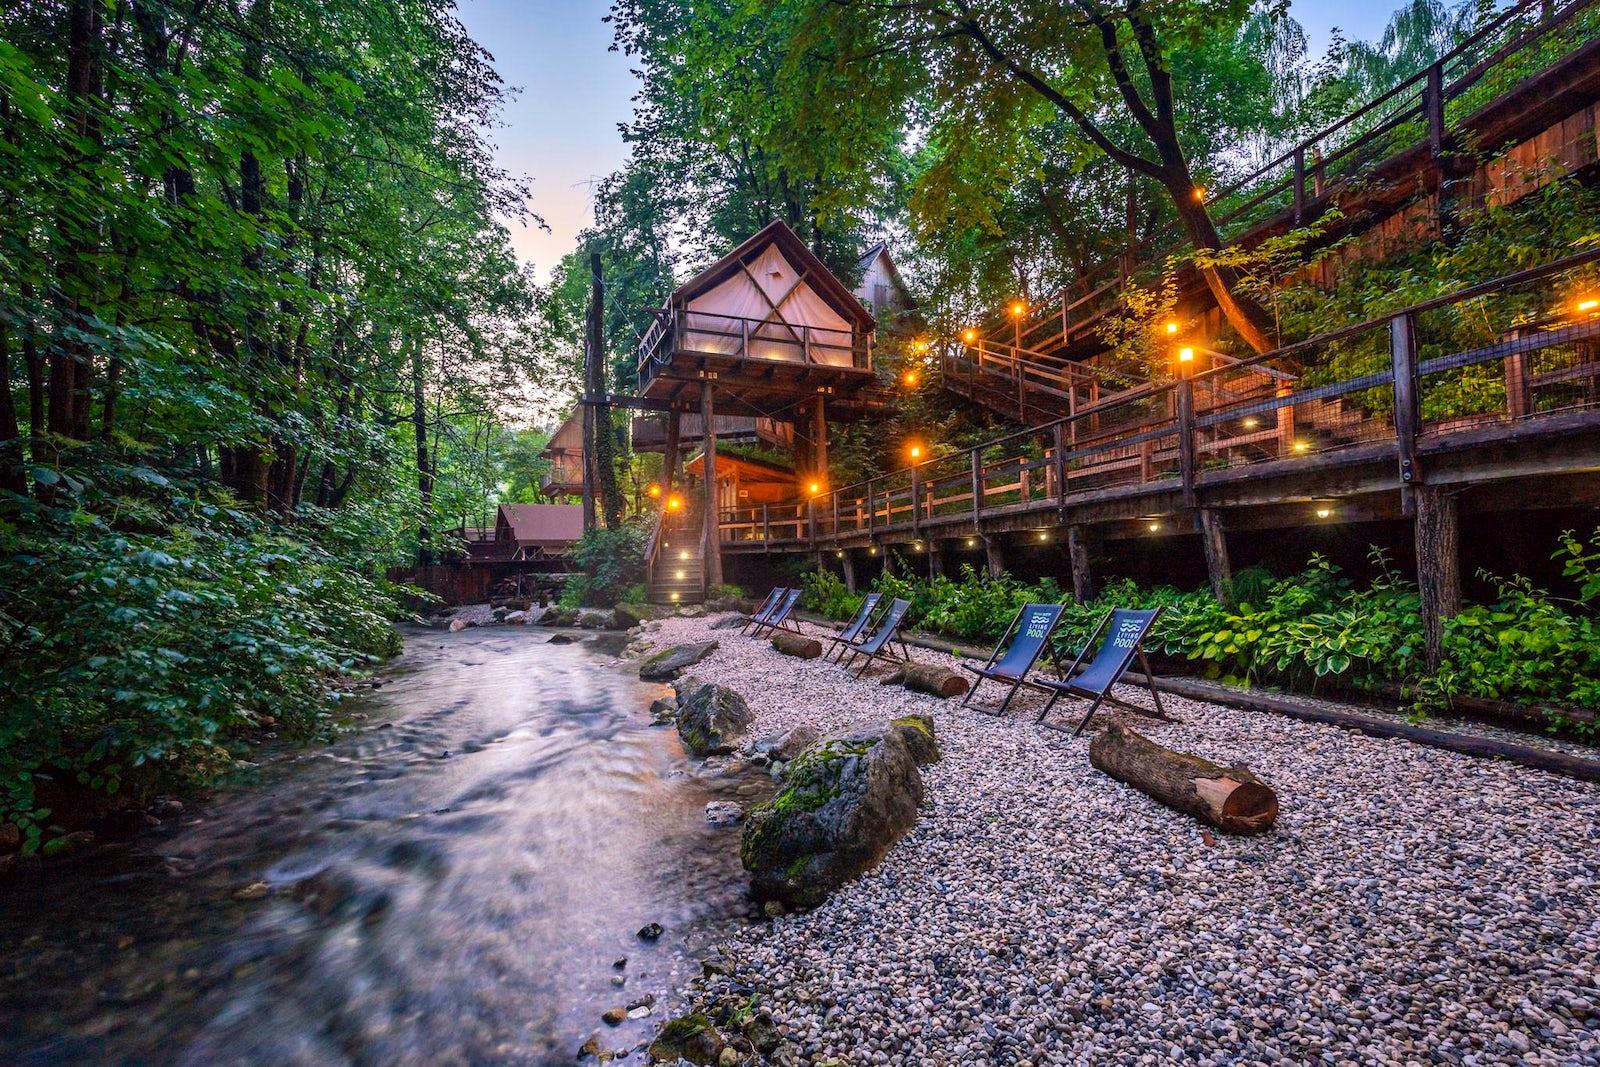 Cover photo © Credits to: Facebook / Garden Village Bled - Slovenia